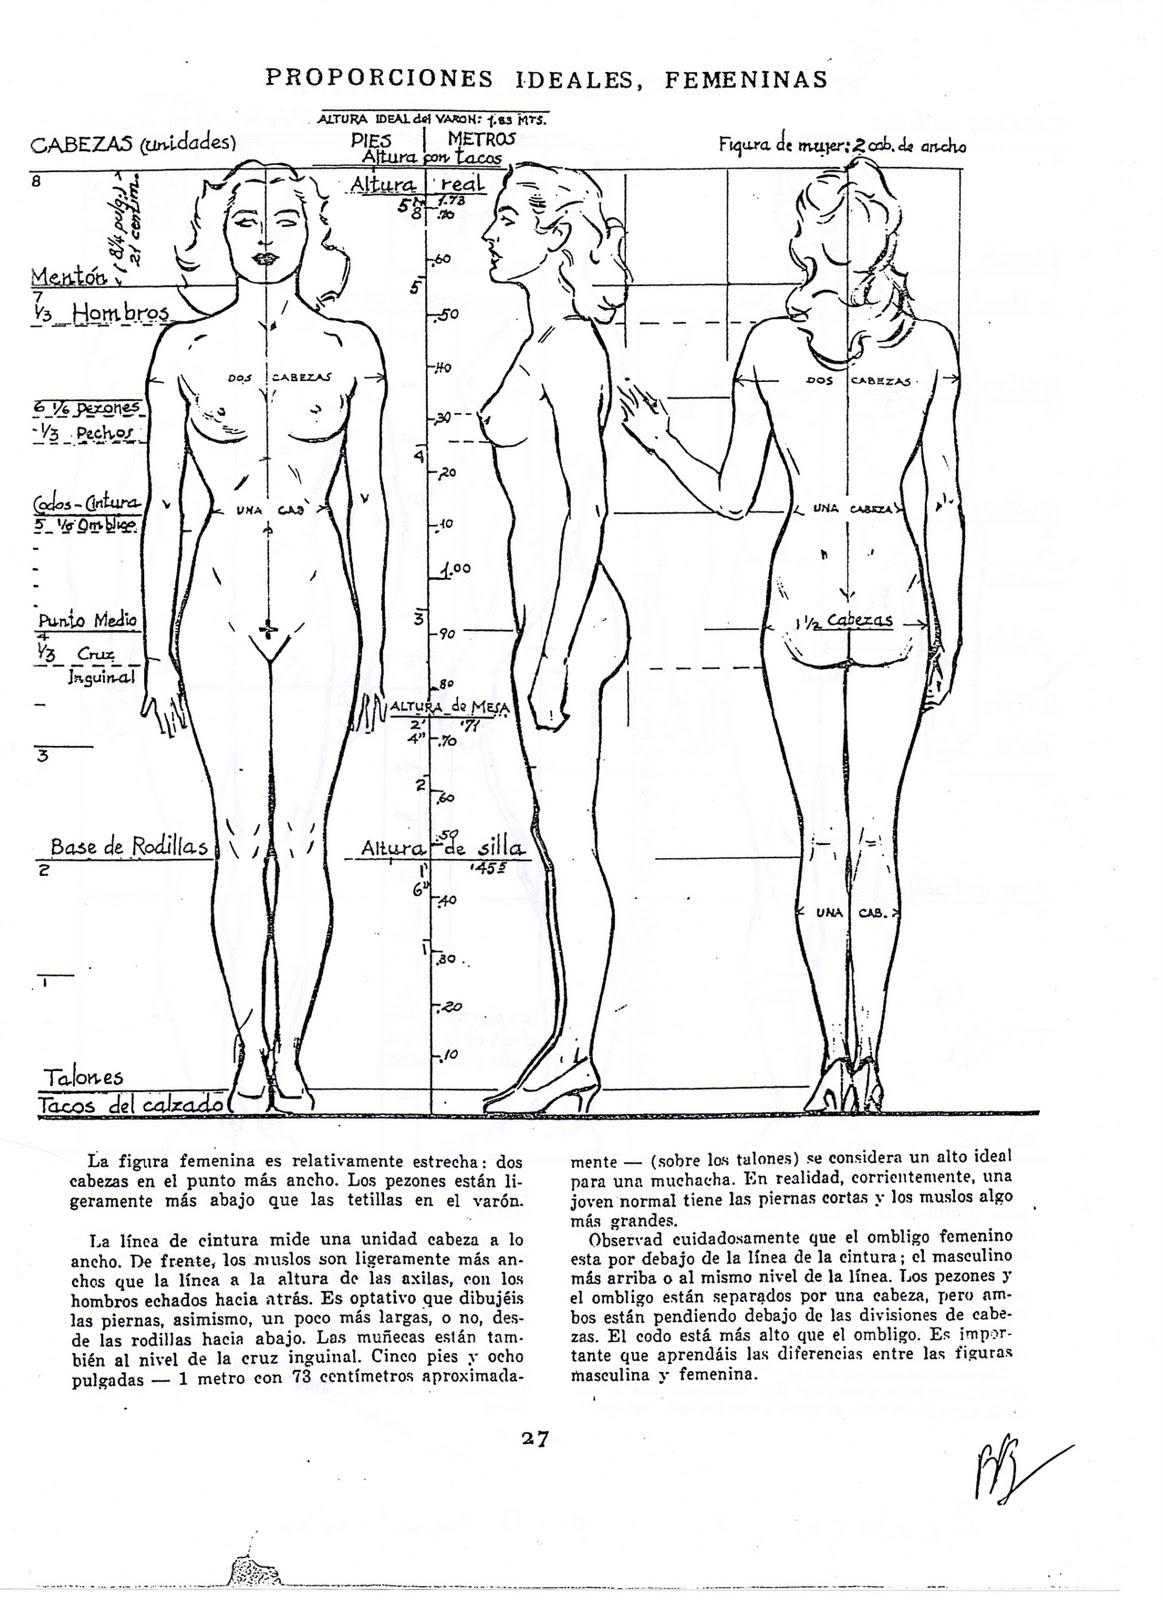 Dibujo artistico ii proporciones ideales del cuerpo humano for Medidas antropometricas del cuerpo humano